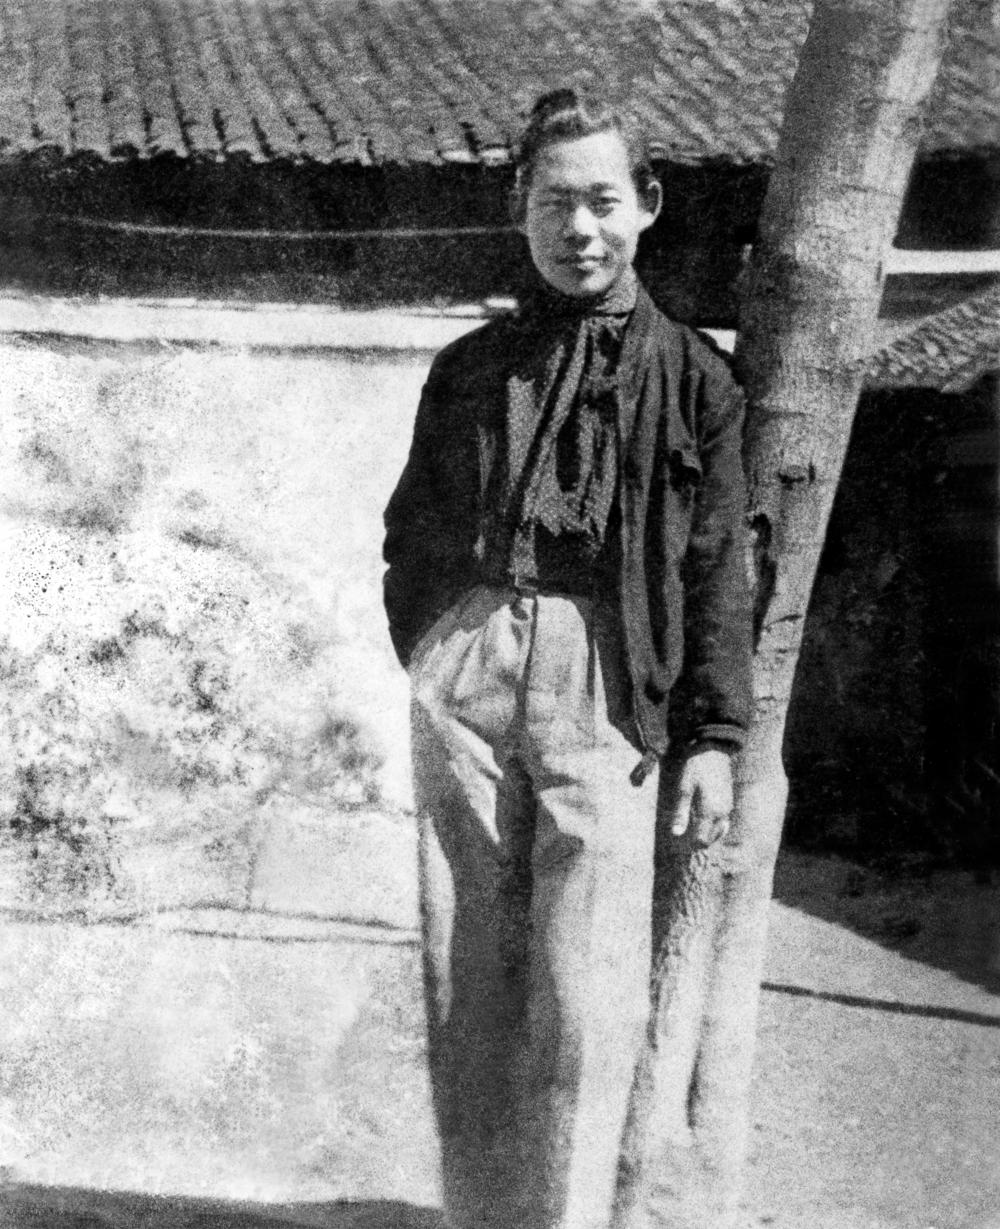 Zao Wou-Ki à l'École des beaux-arts de Hangzhou, 1935. Droits réservés